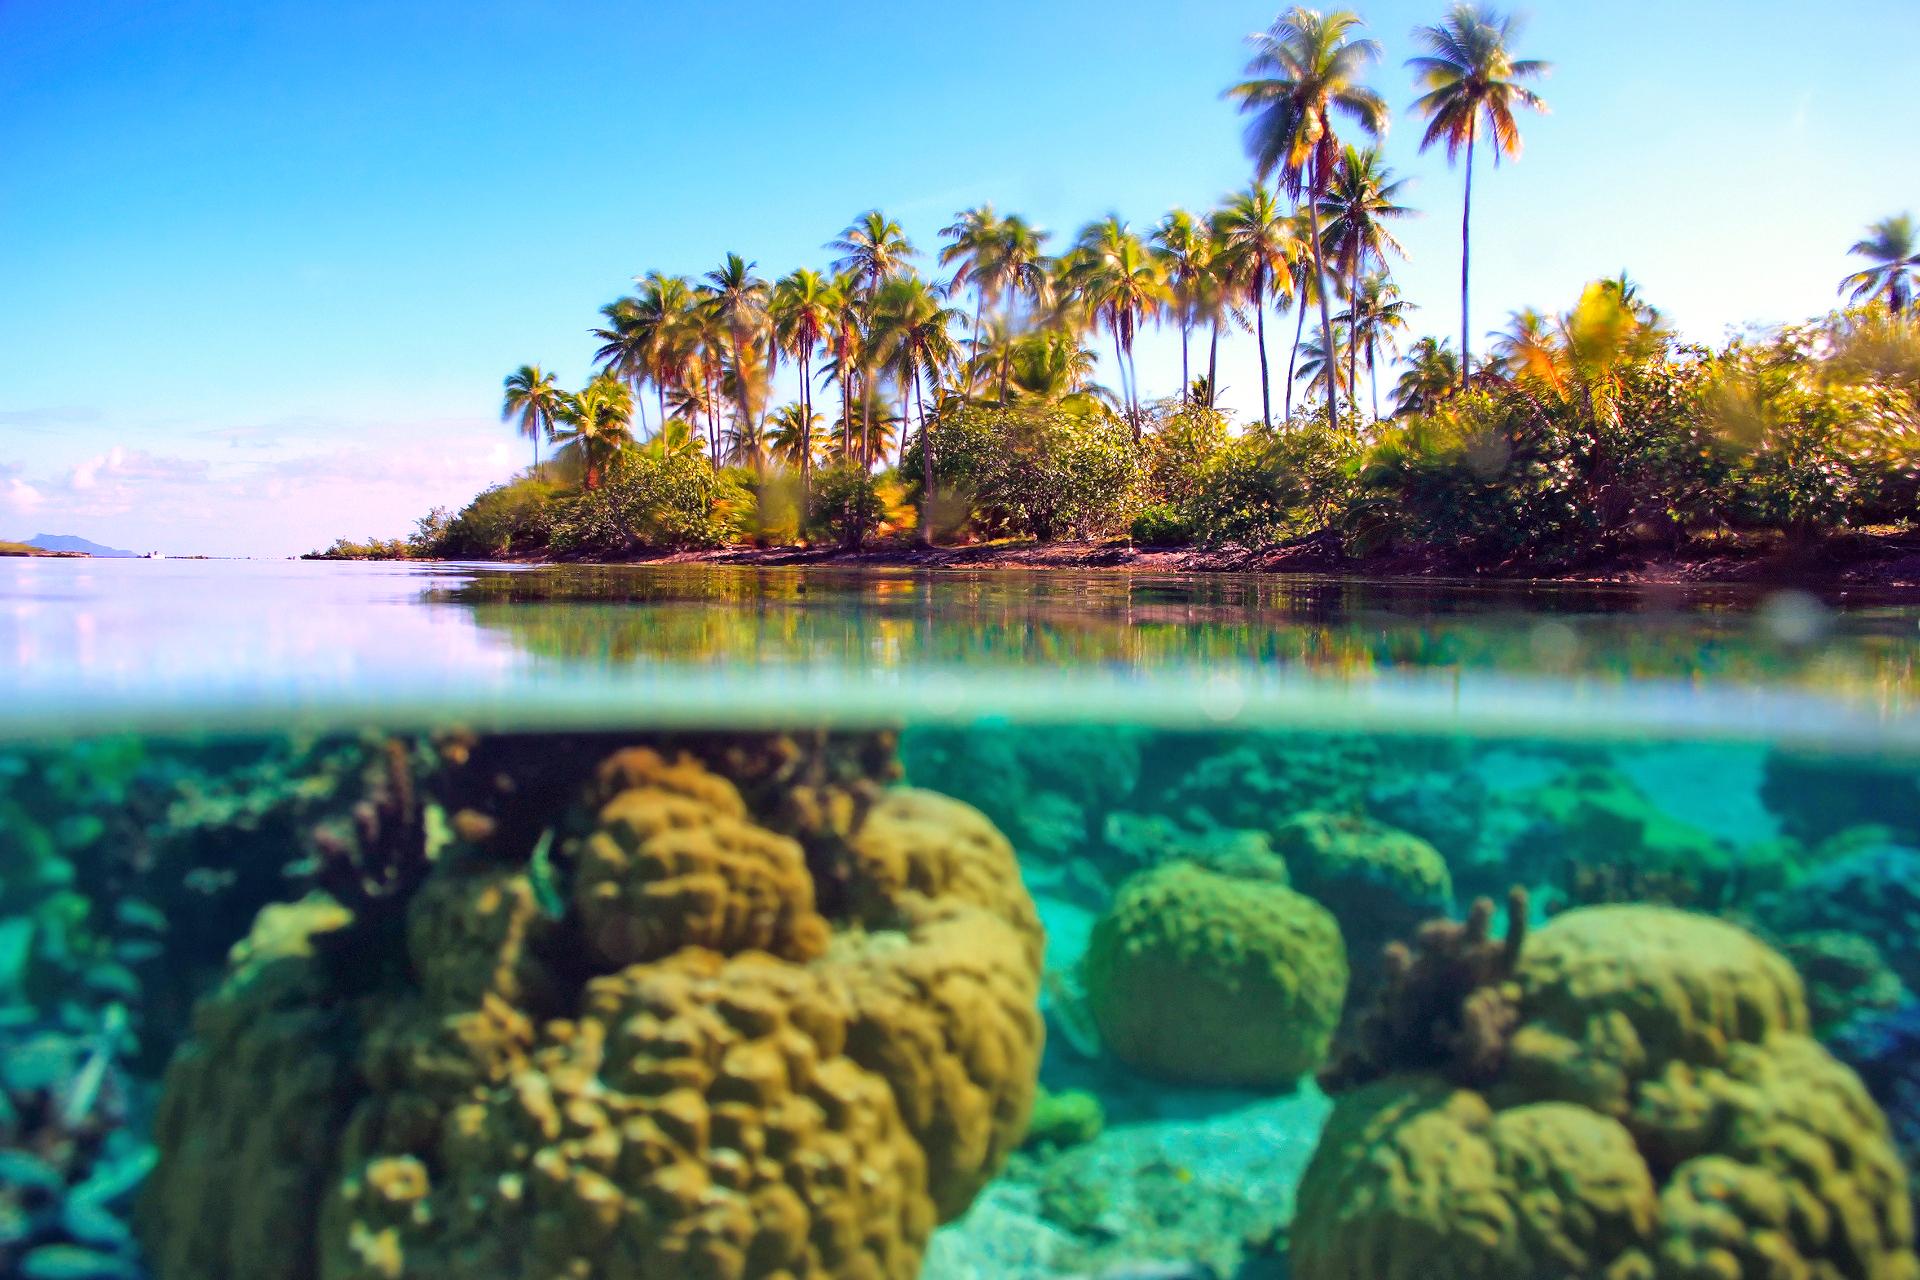 море остров небо камни  № 1034161 загрузить